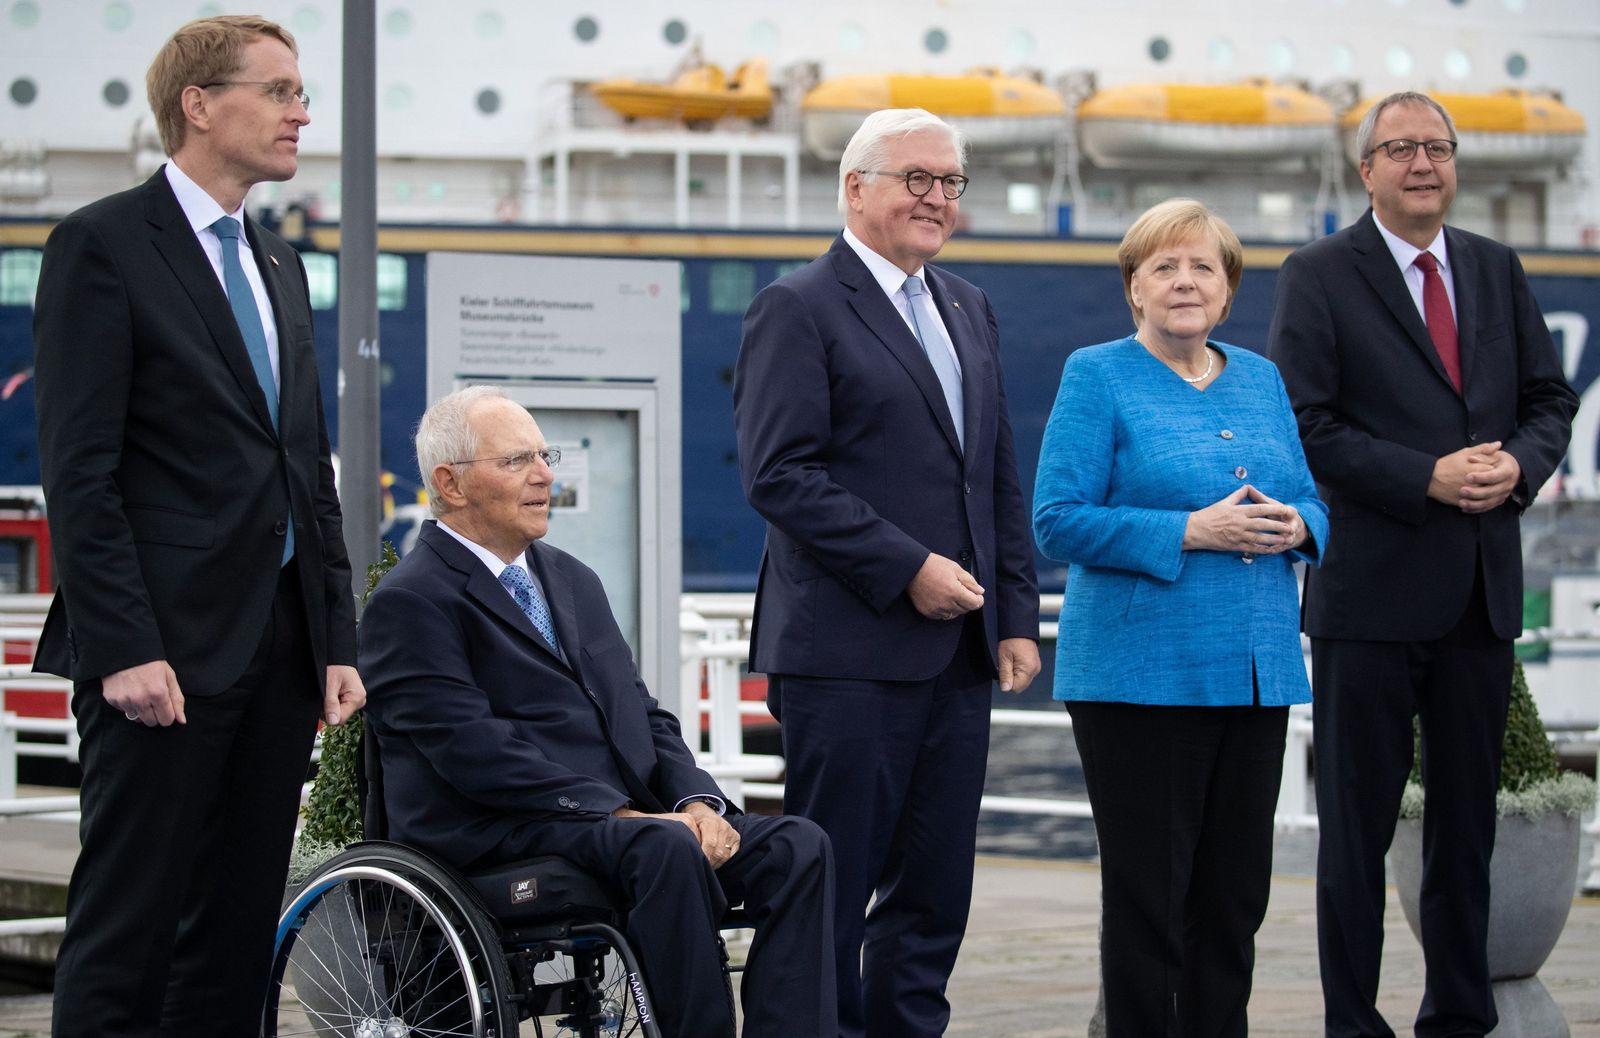 Tag der Deutschen Einheit - Offizielle Feier